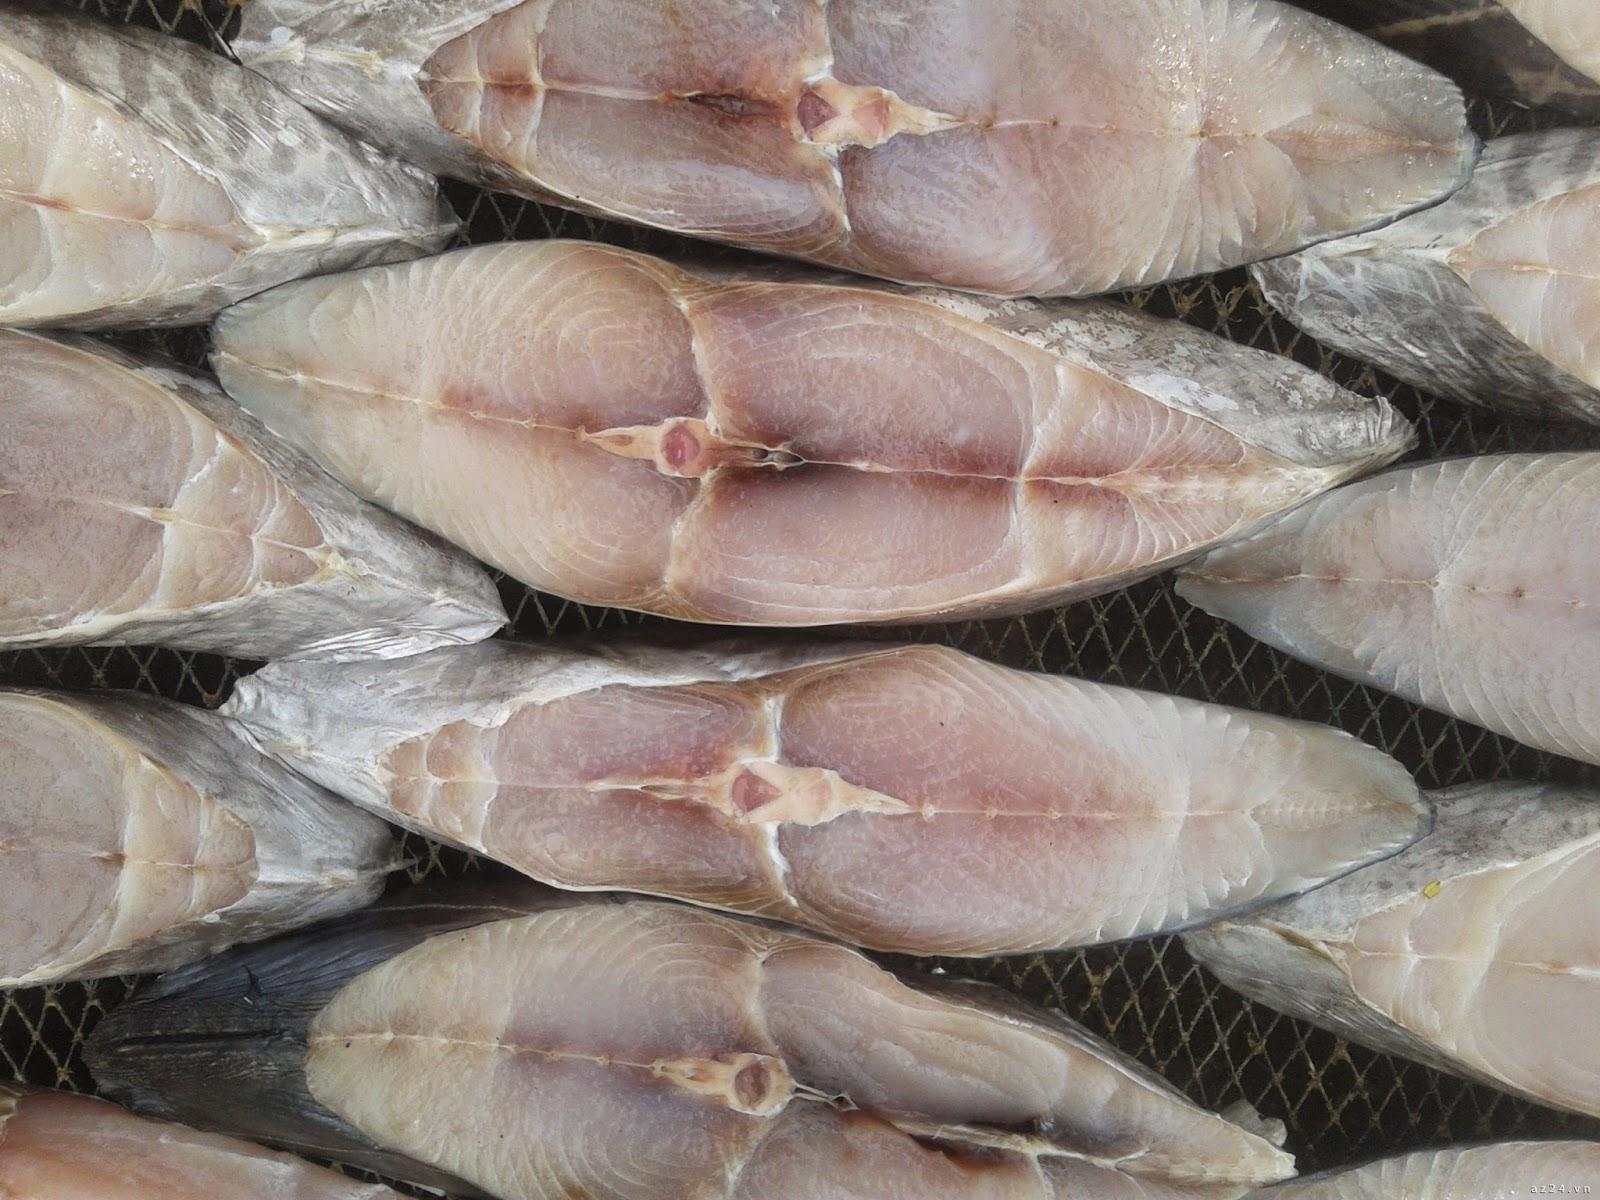 Ngọc Anh Food clean: Cách làm cá thu phấn một nắng